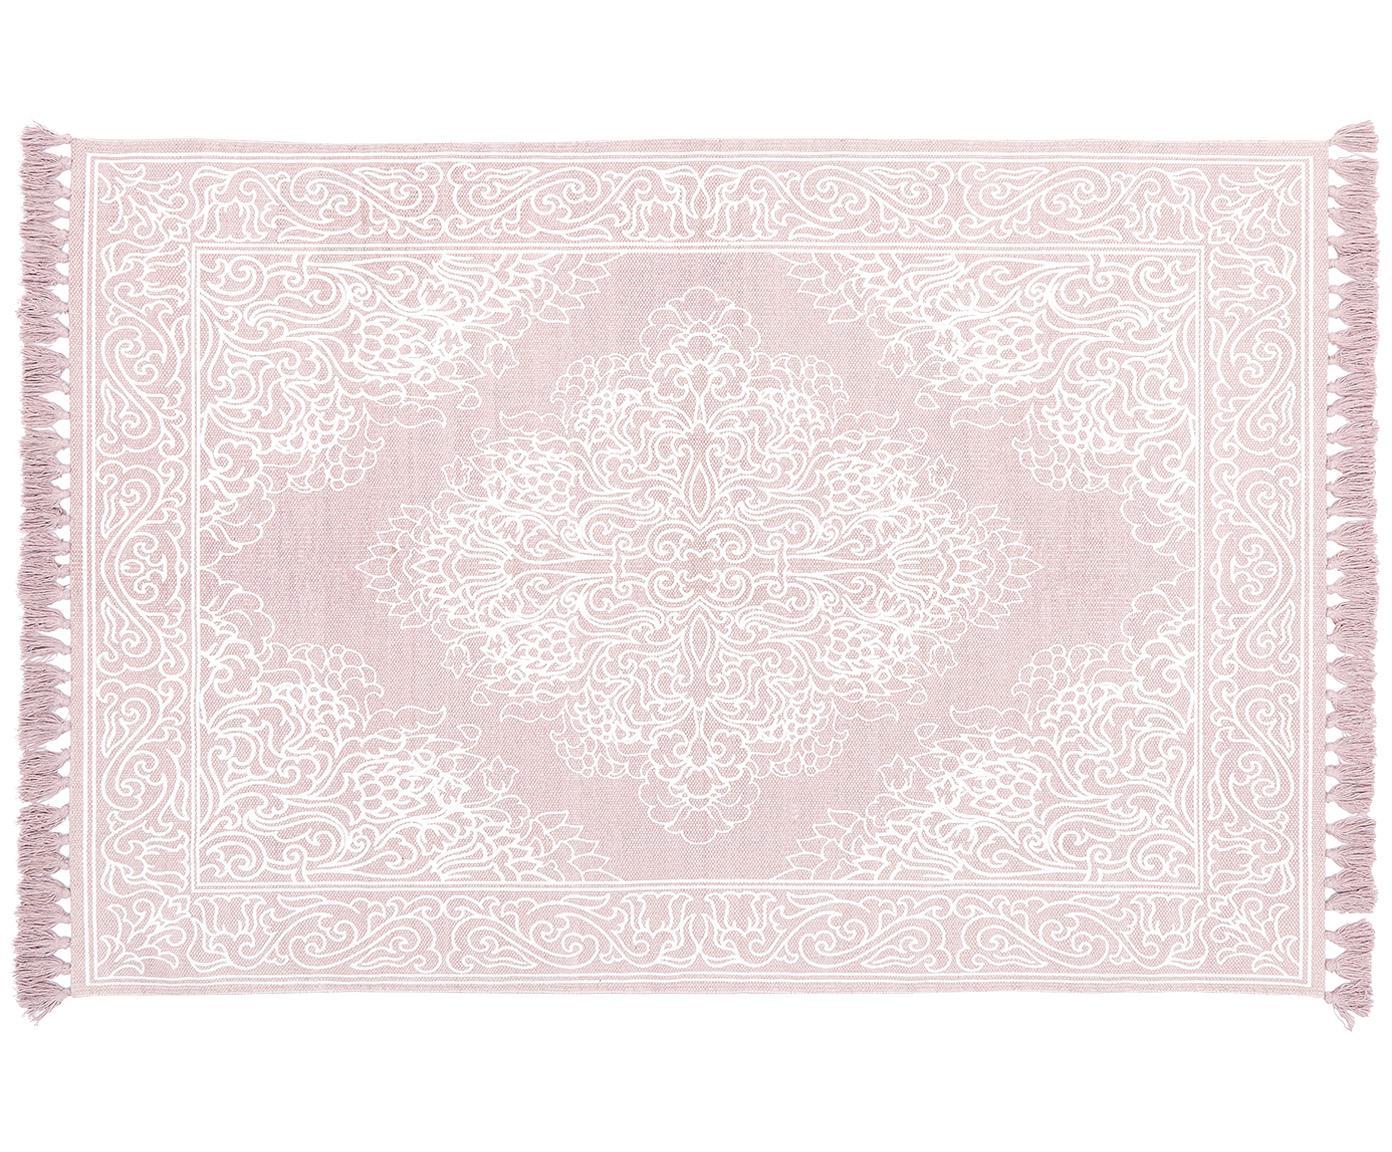 Tappeto in cotone tessuto a mano Salima, Cotone, Rosa, bianco crema, Larg. 50 x Lung. 80 cm (taglia XXS)